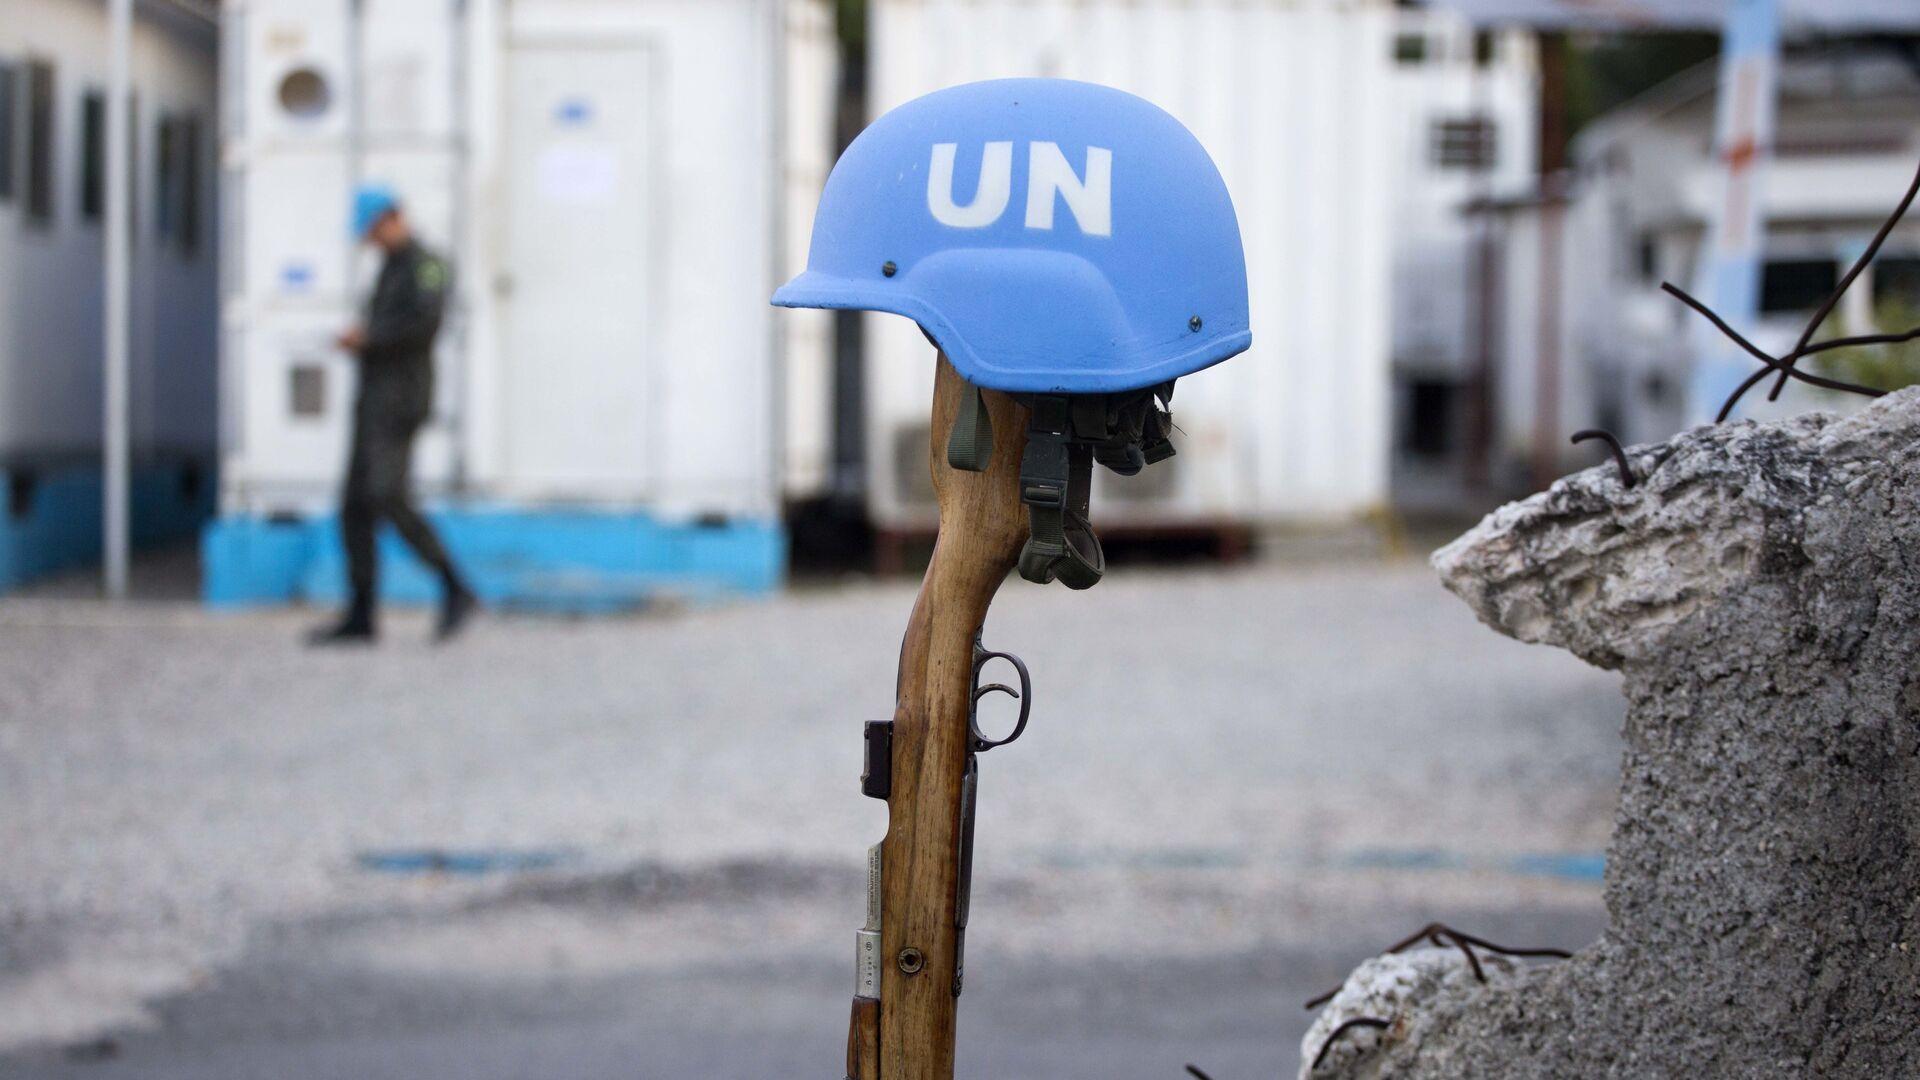 Un casco azul de una misión de paz de la ONU (archivo) - Sputnik Mundo, 1920, 26.08.2021